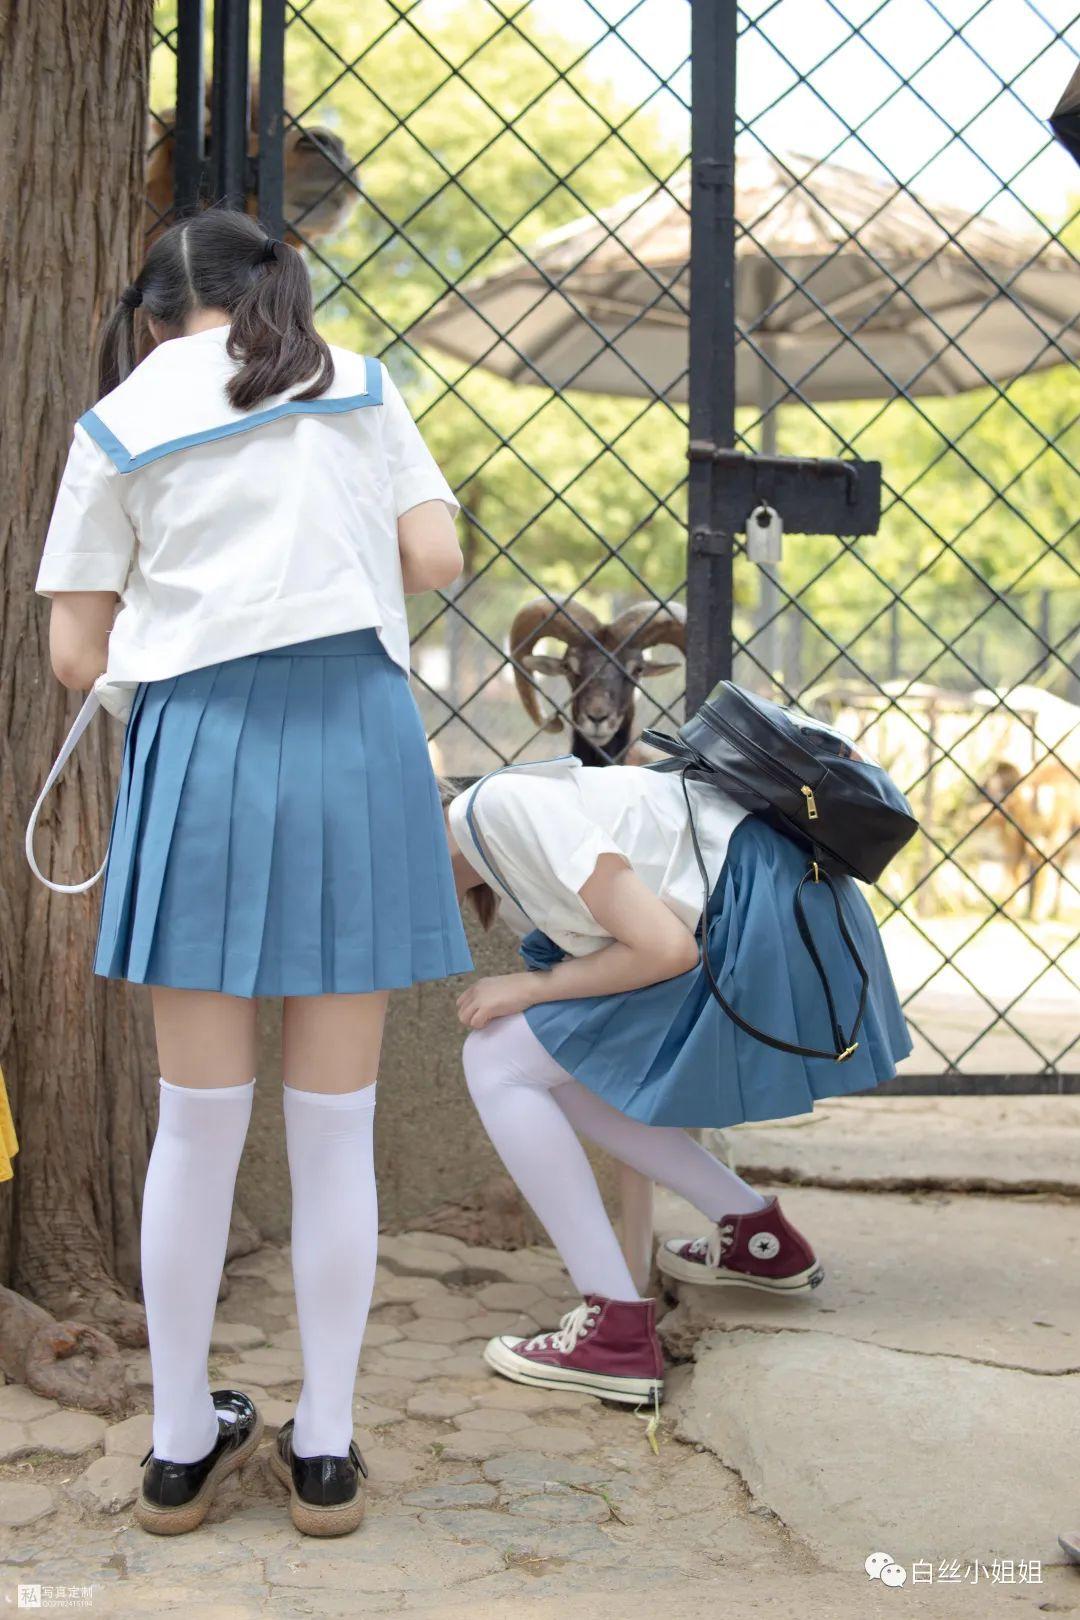 妹子摄影 – 白丝袜JK制服萝莉成对出现,双倍快乐!_图片 No.9